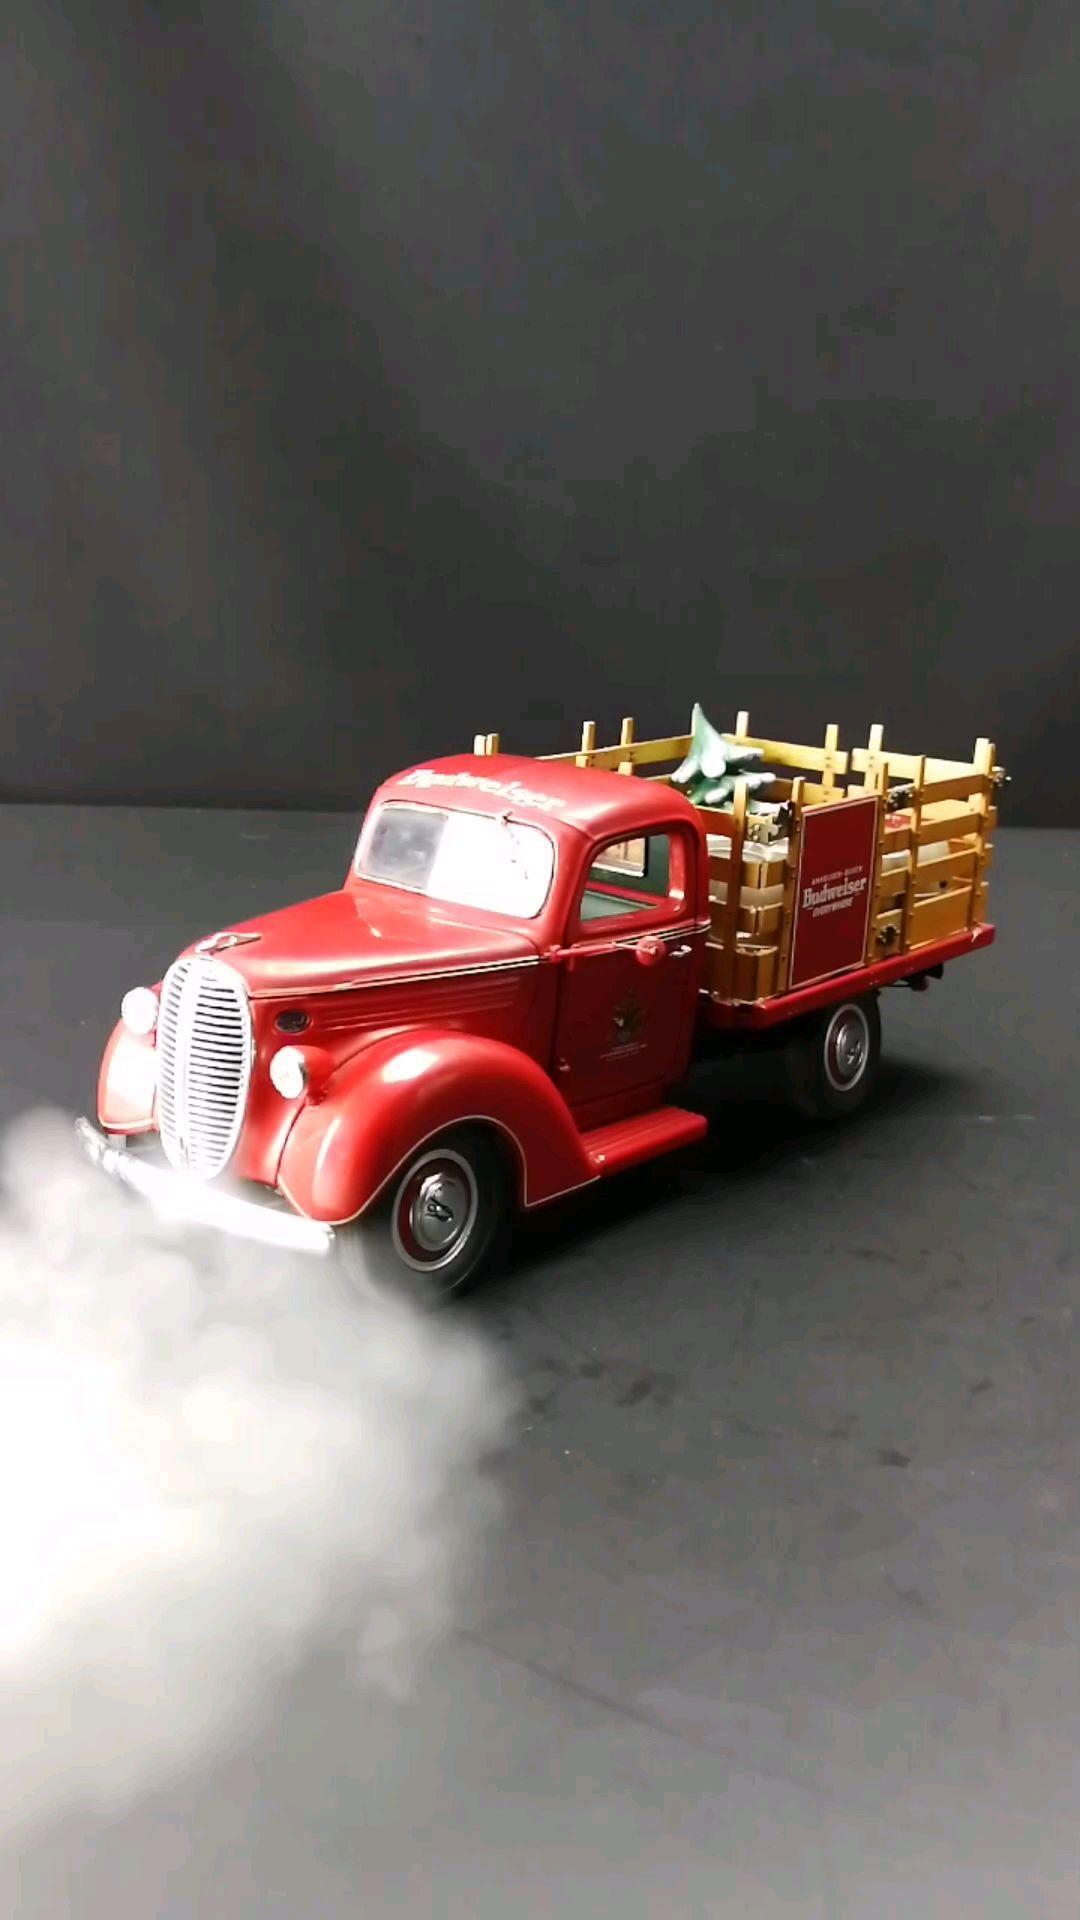 1932福特V8百威啤酒送货车,1:24比例,东晓汽车模型收藏馆藏品。